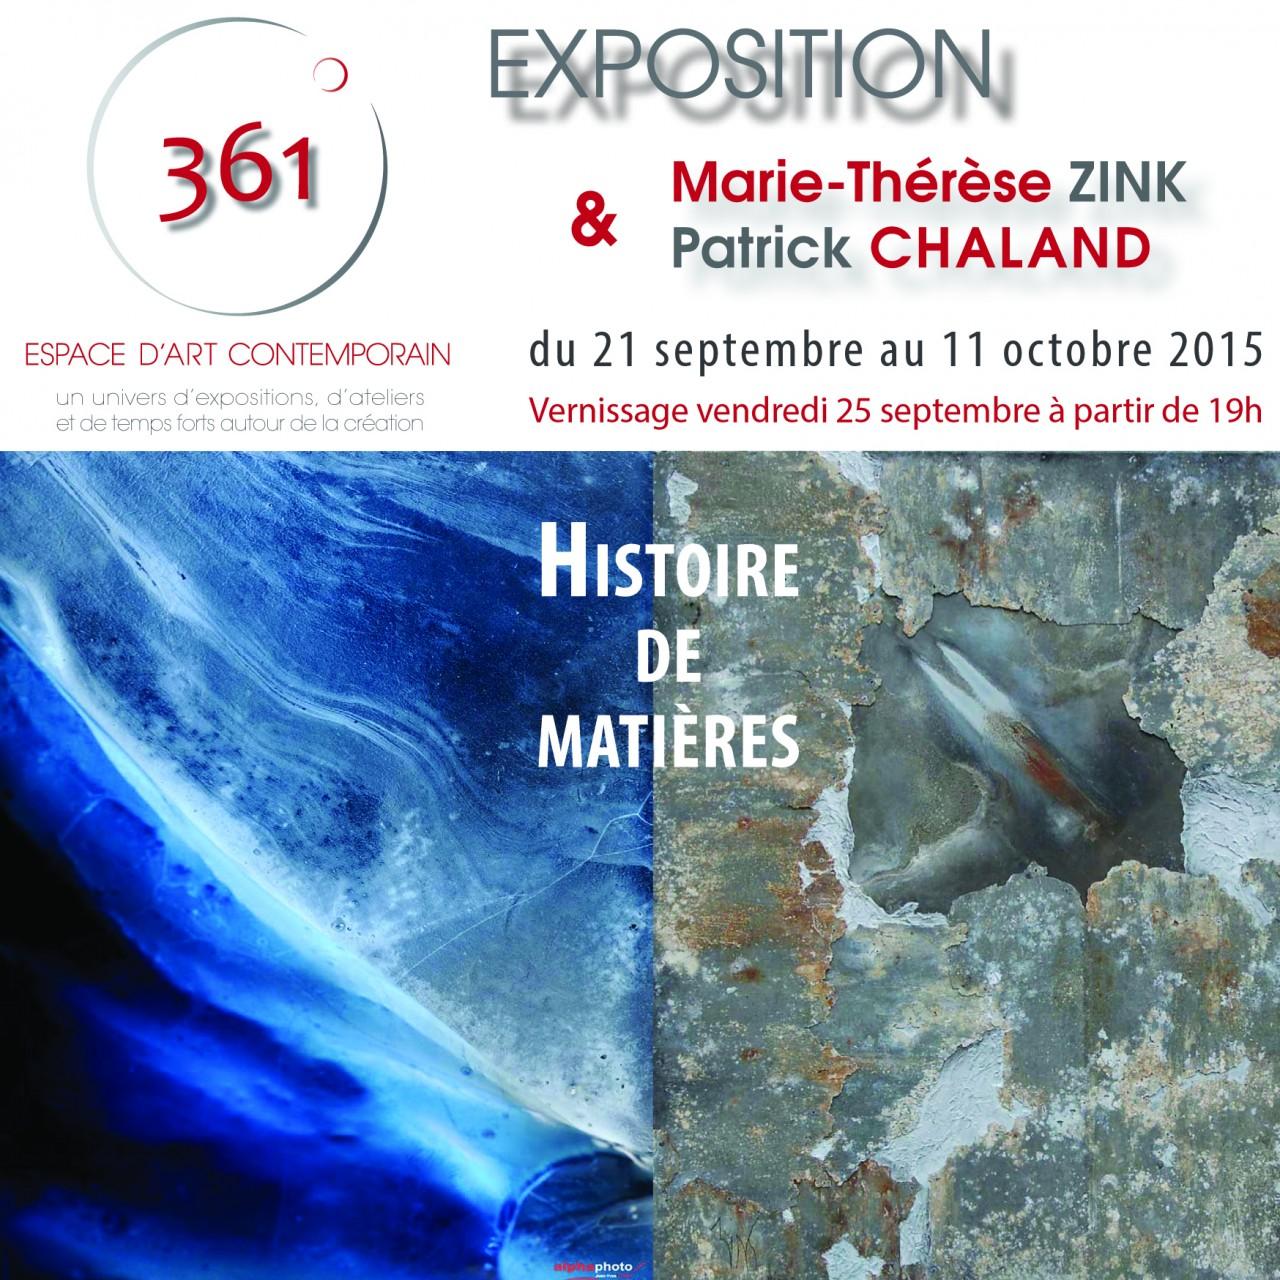 Marie-Thérèse Zink & Patrick Chaland